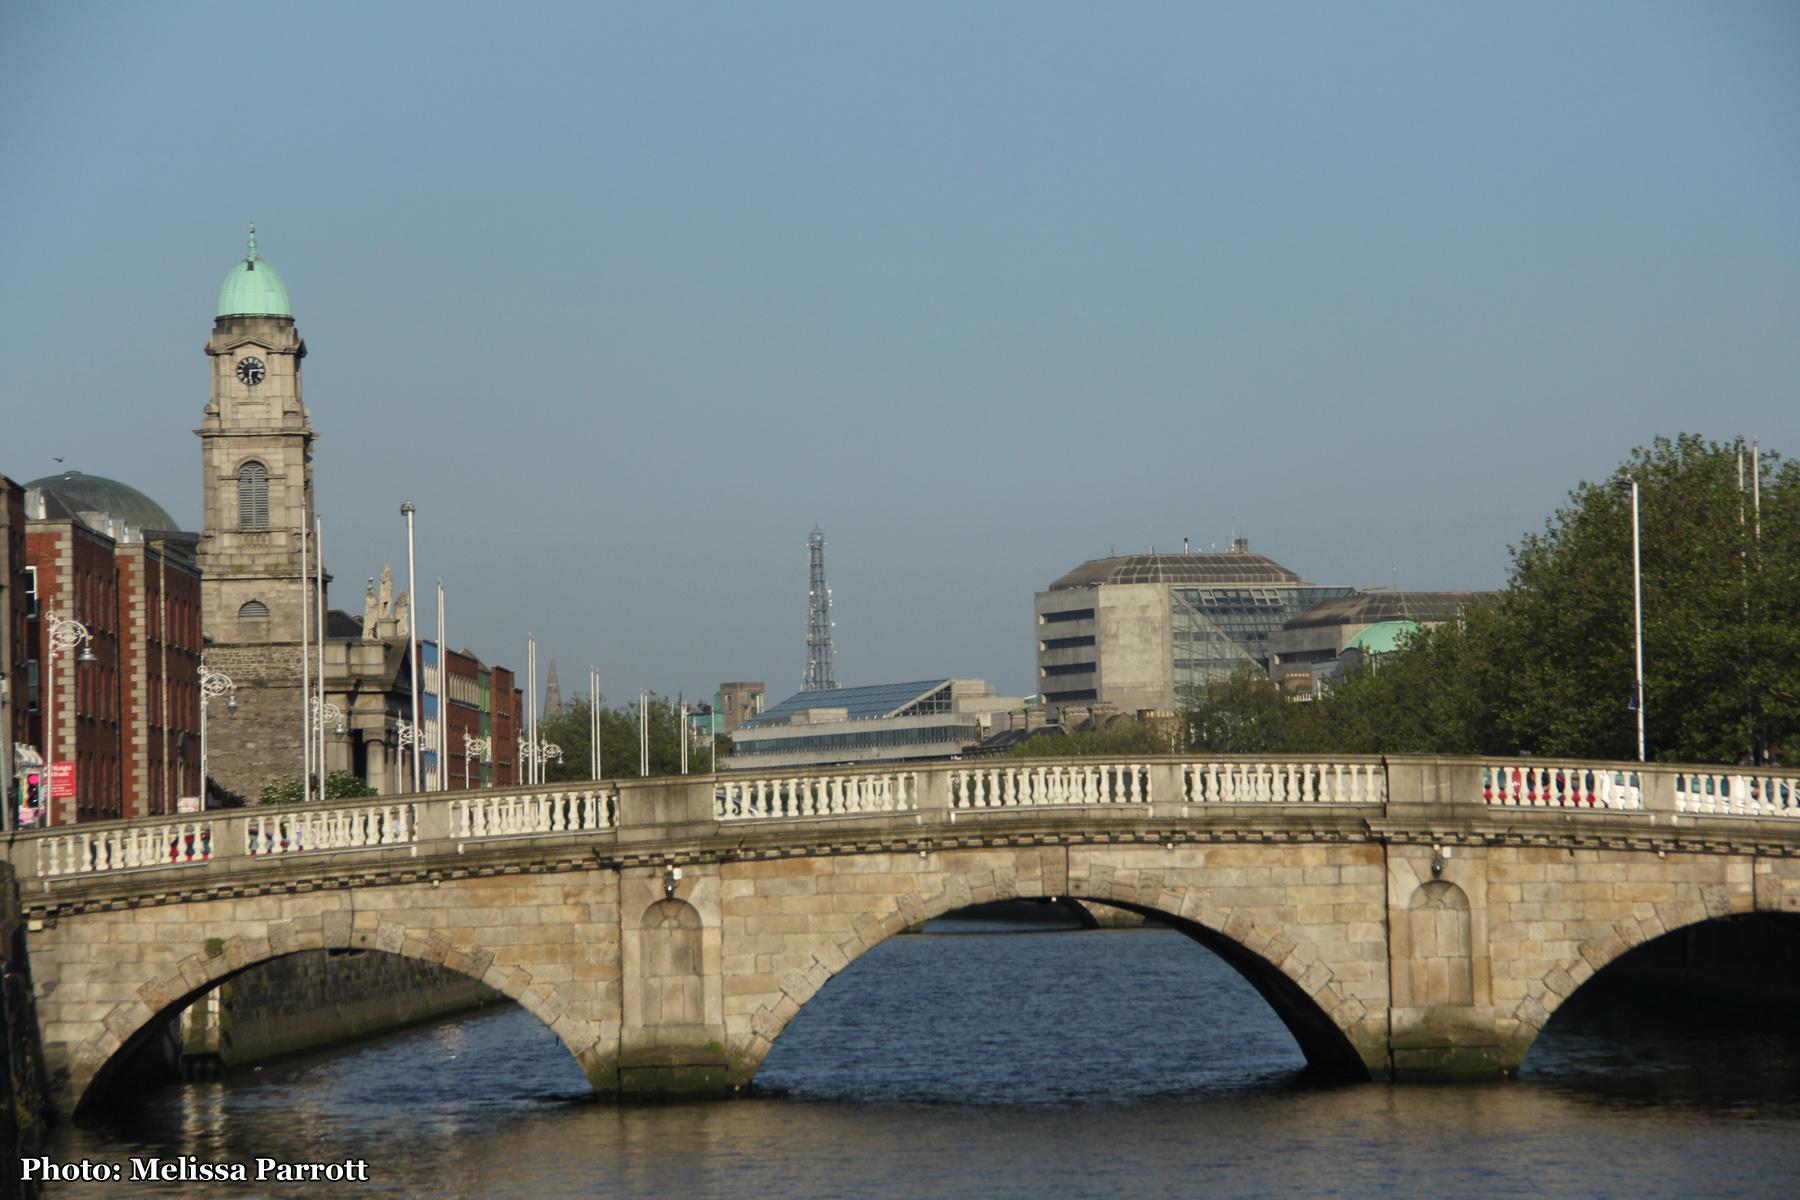 Liam Mellow's Bridge